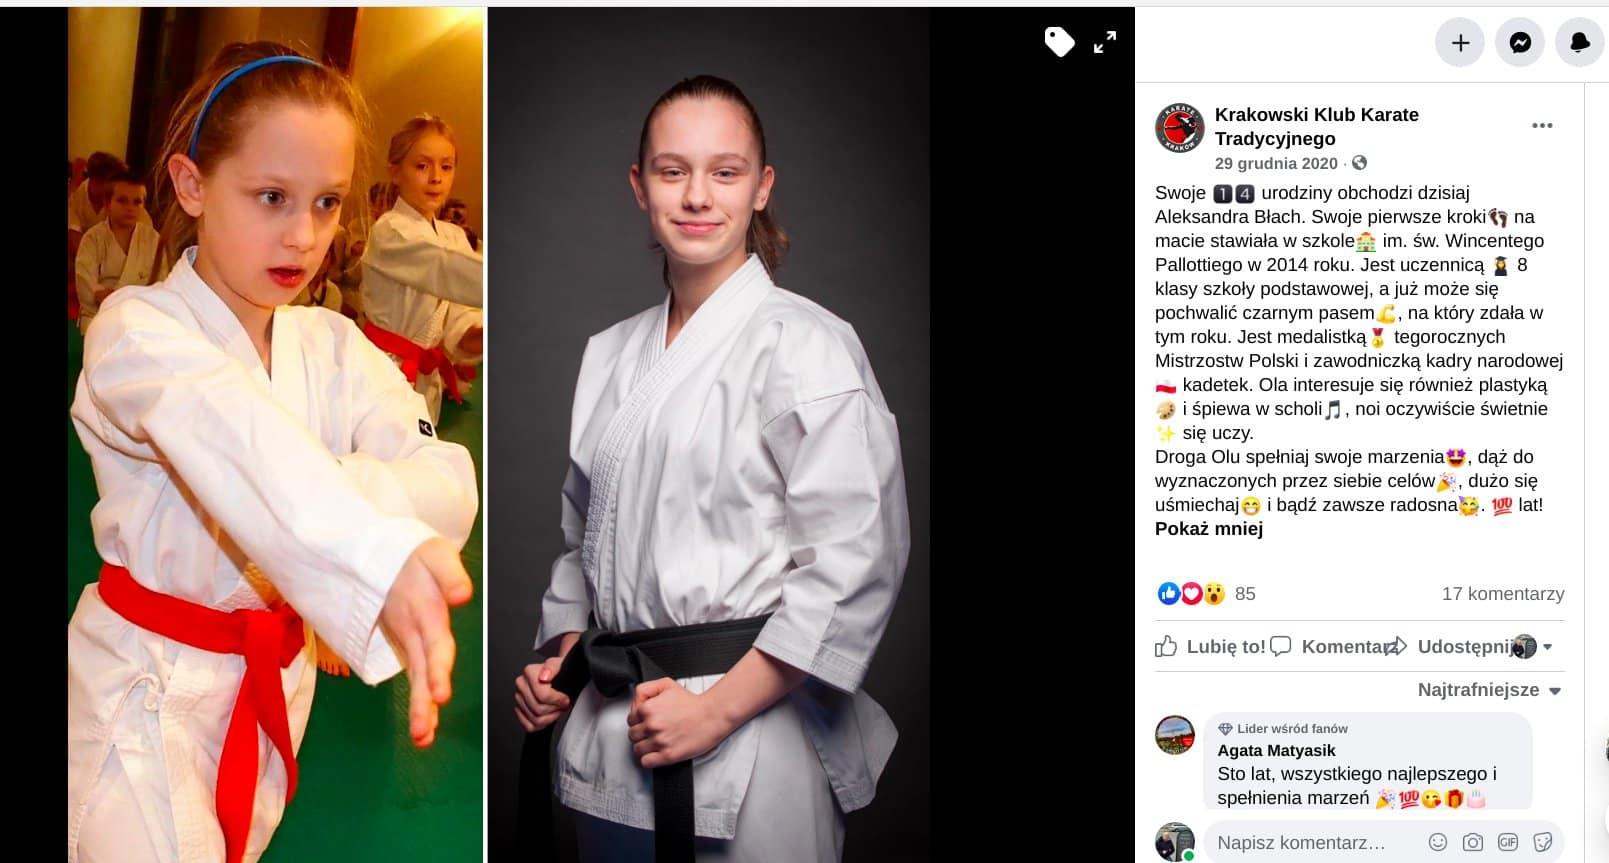 Aleksandra Błach. Medalistka mistrzostw Polski i zawodniczka kadry narodowej. Źródło: Krakowski Klub Karate Tradycyjnego.